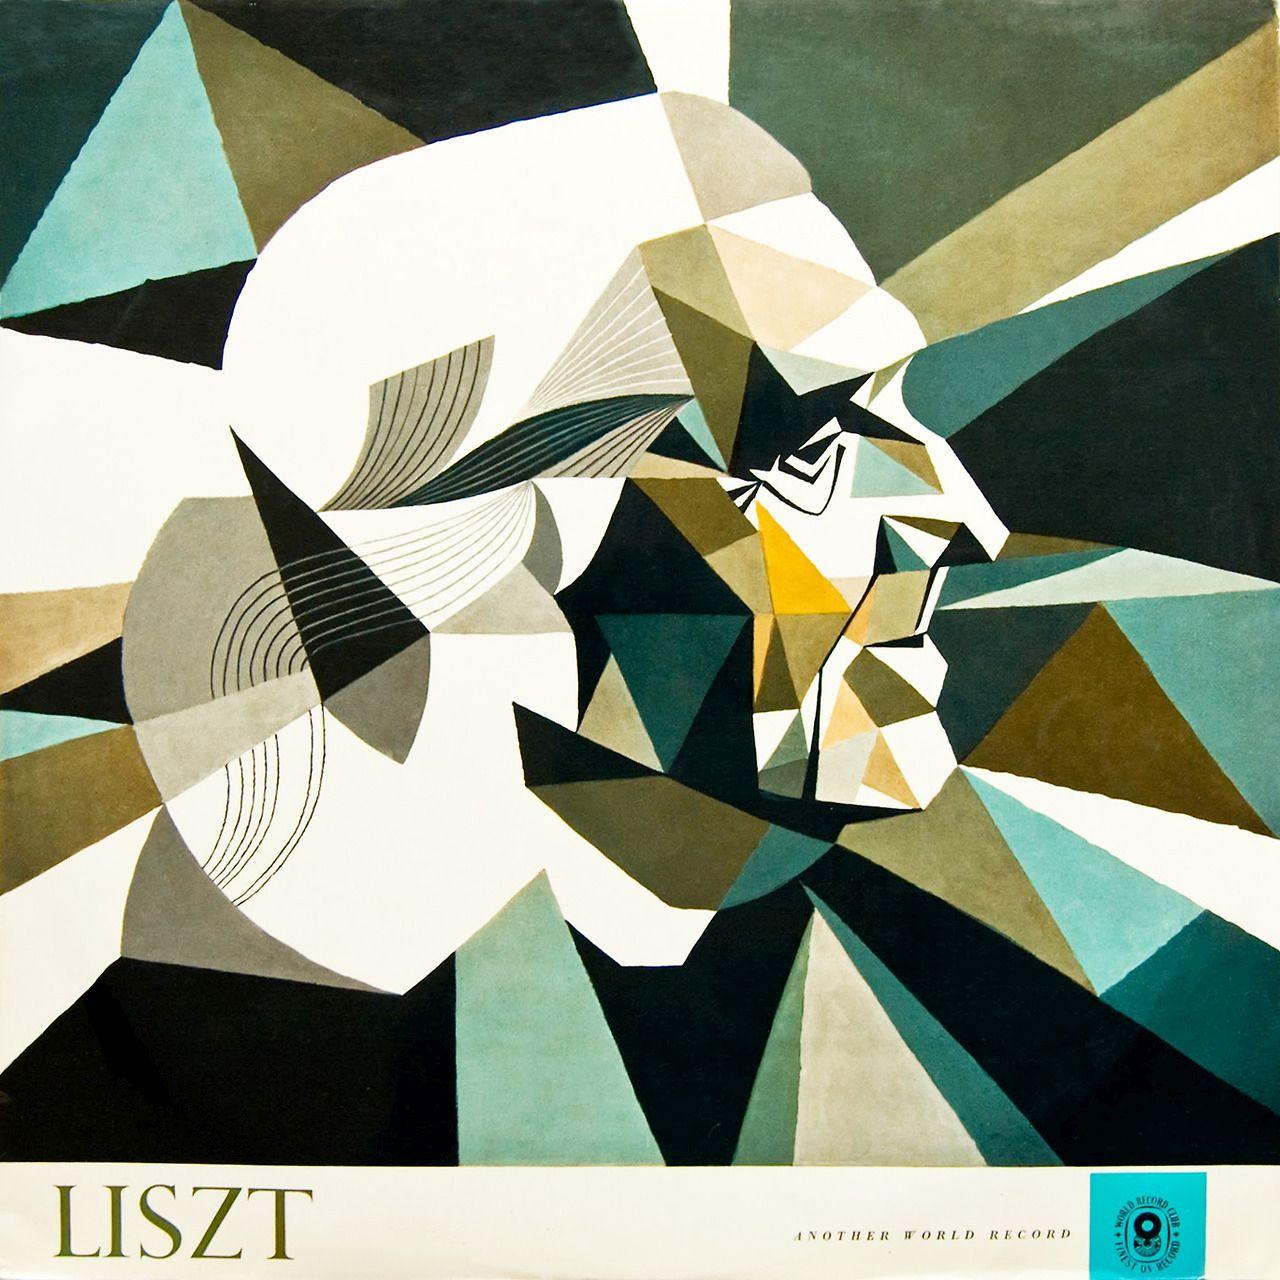 Lance Stirling, cover design for Liszt, Piano Sonata in B Minor. 1960s. World Record Club, Australia